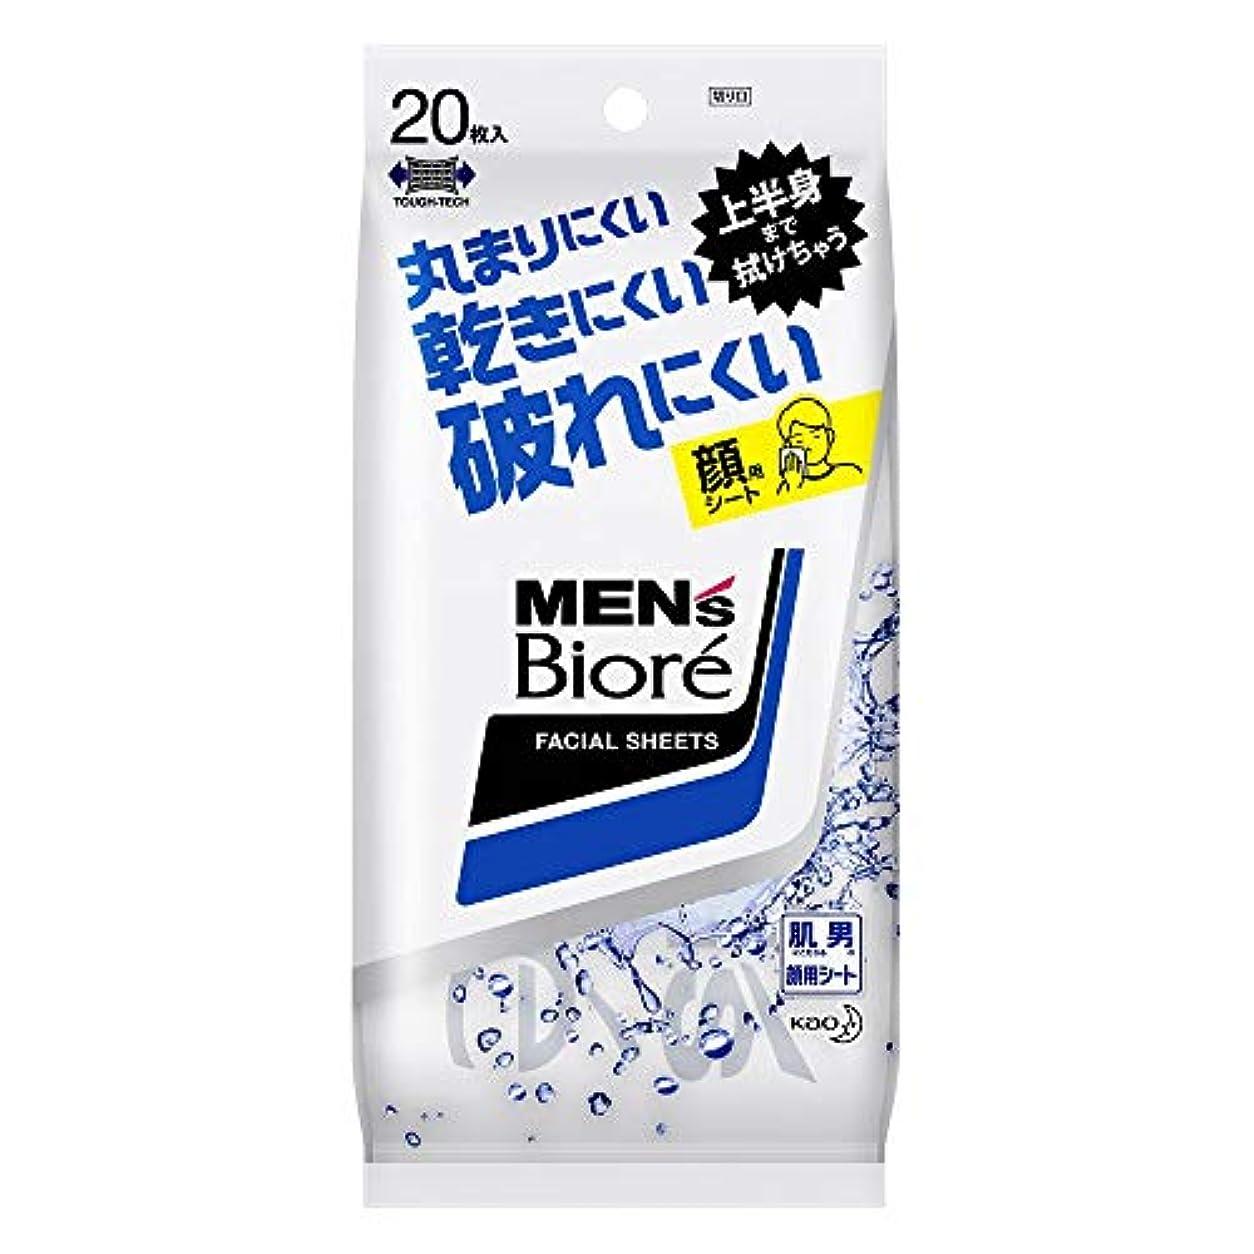 がんばり続ける外国人控えめな花王 メンズビオレ 洗顔シート 携帯用 20枚